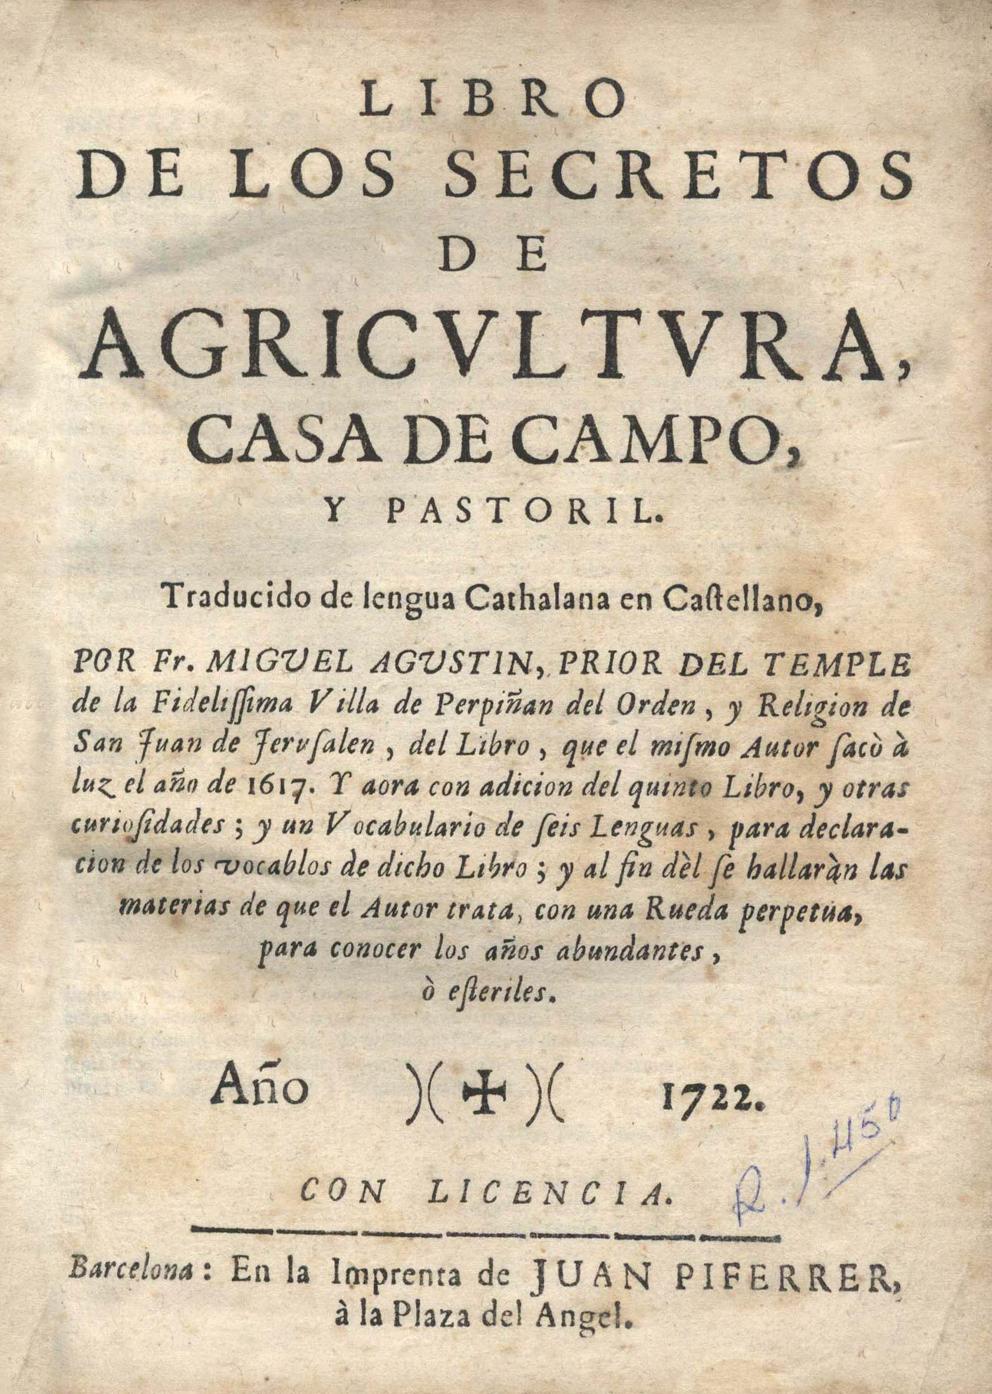 Libro de los secretos,1722